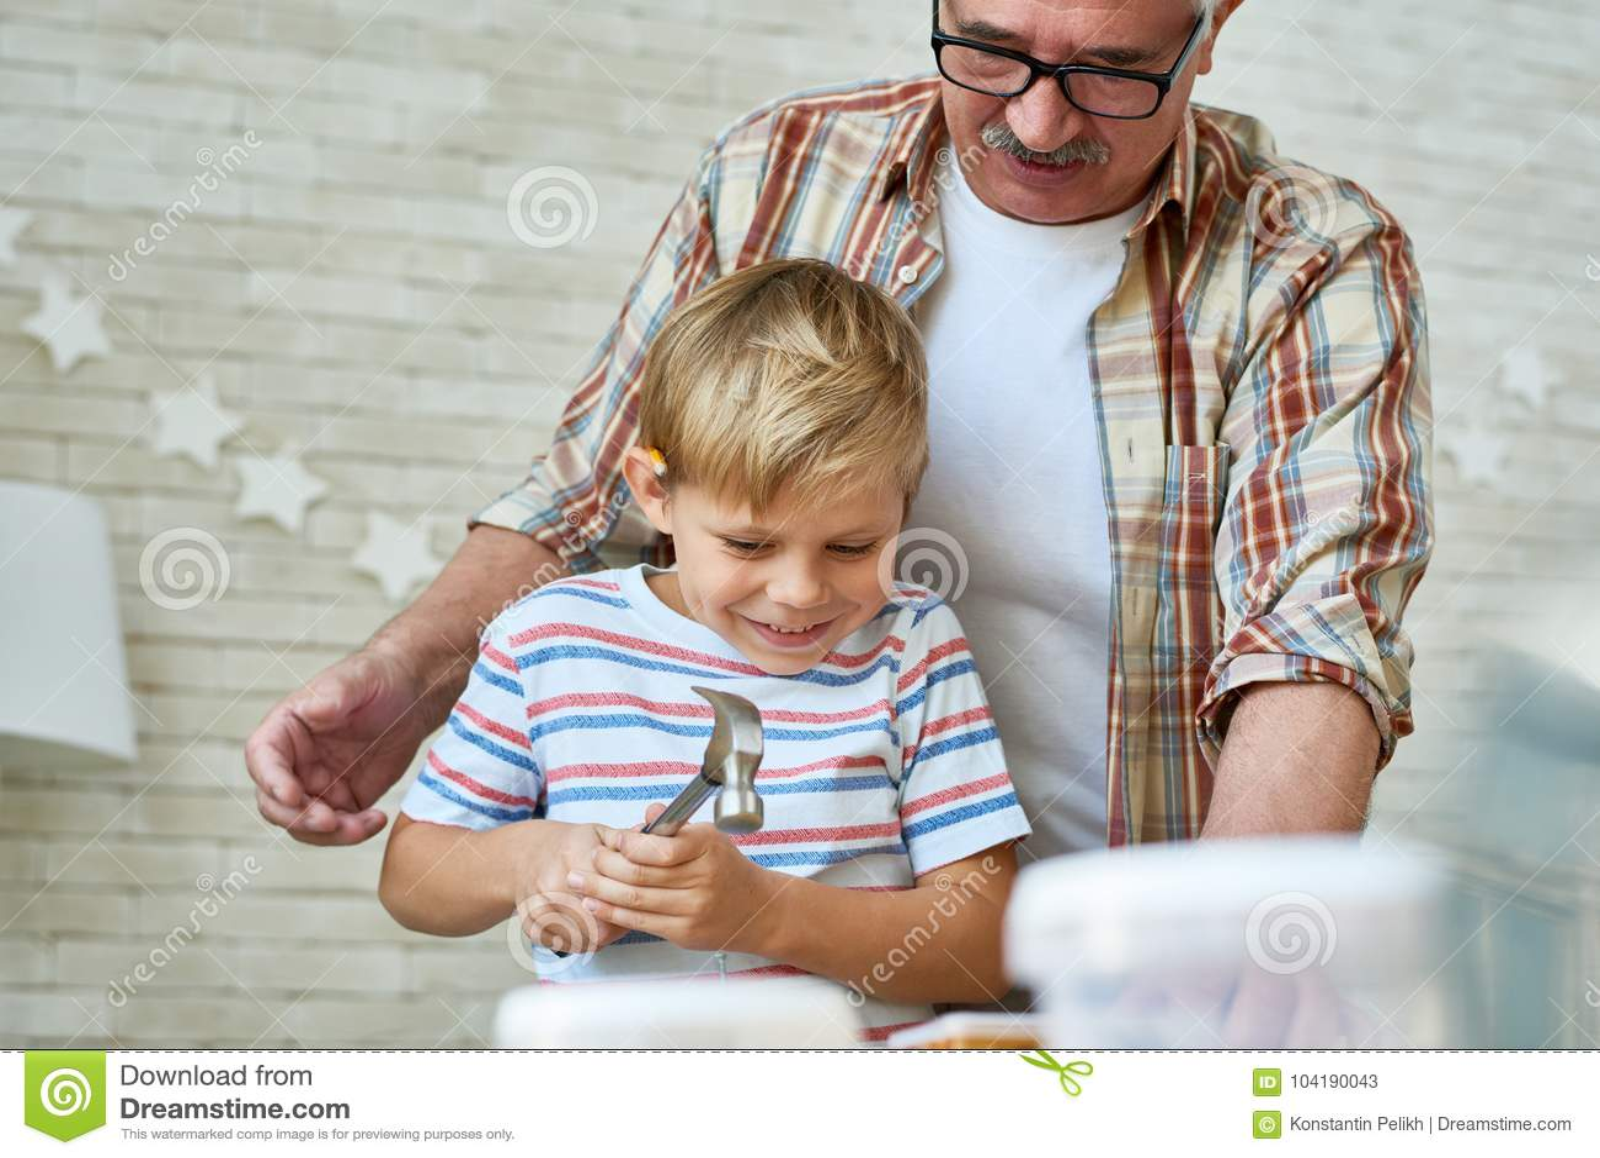 Carpintaria de ensino do neto do avô